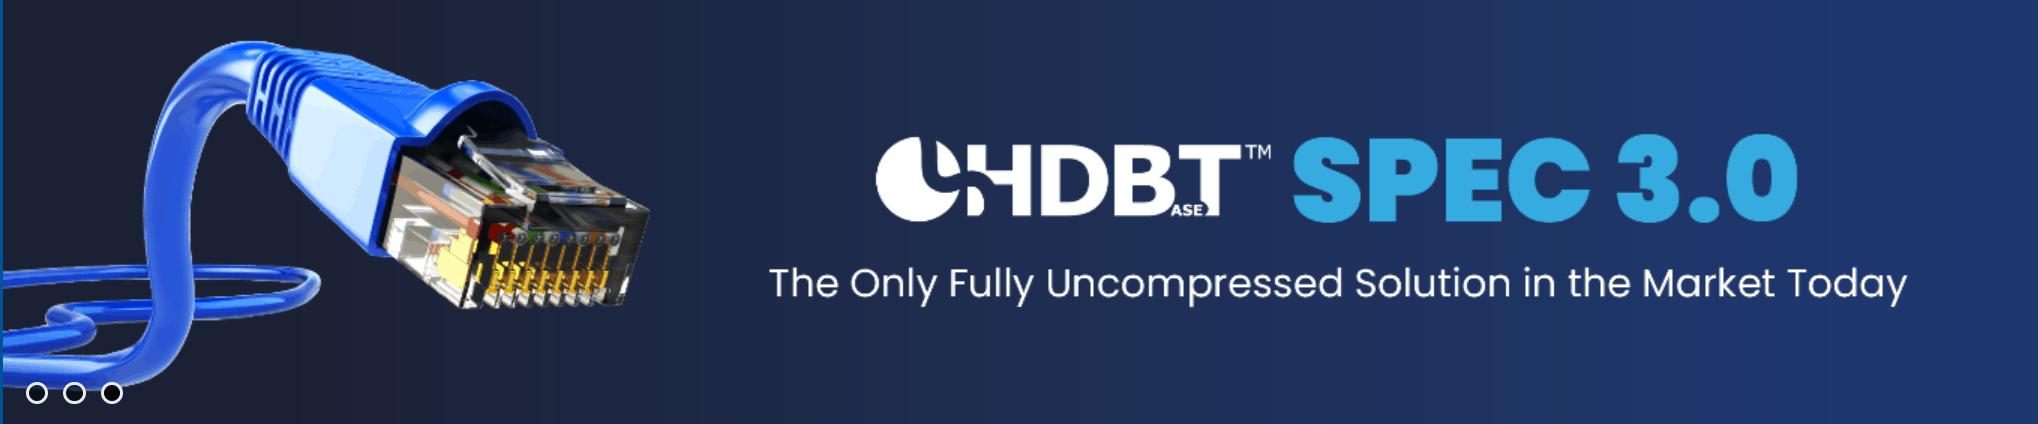 HDBaseT HDBaseT SPEC 3.0